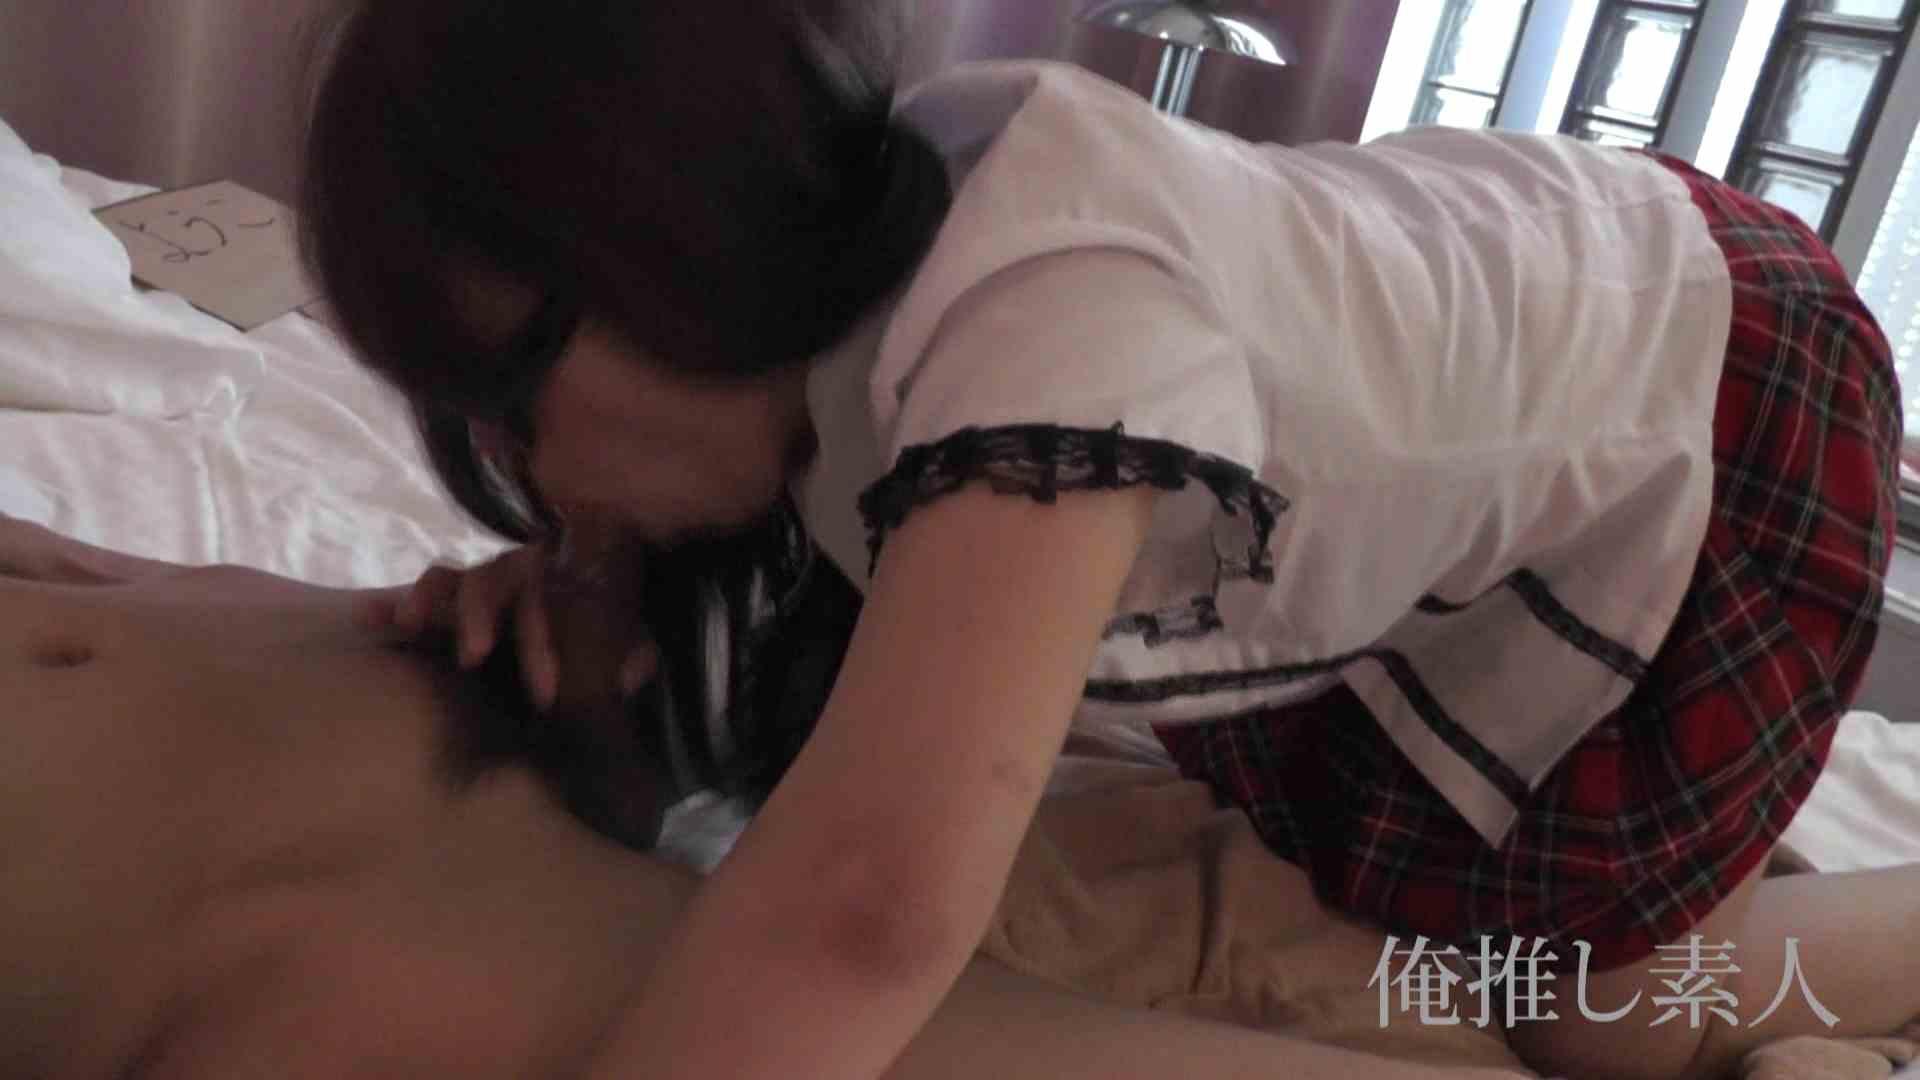 俺推し素人 EカップシングルマザーOL30歳瑤子vol3 OL裸体 | 一般投稿  57画像 27